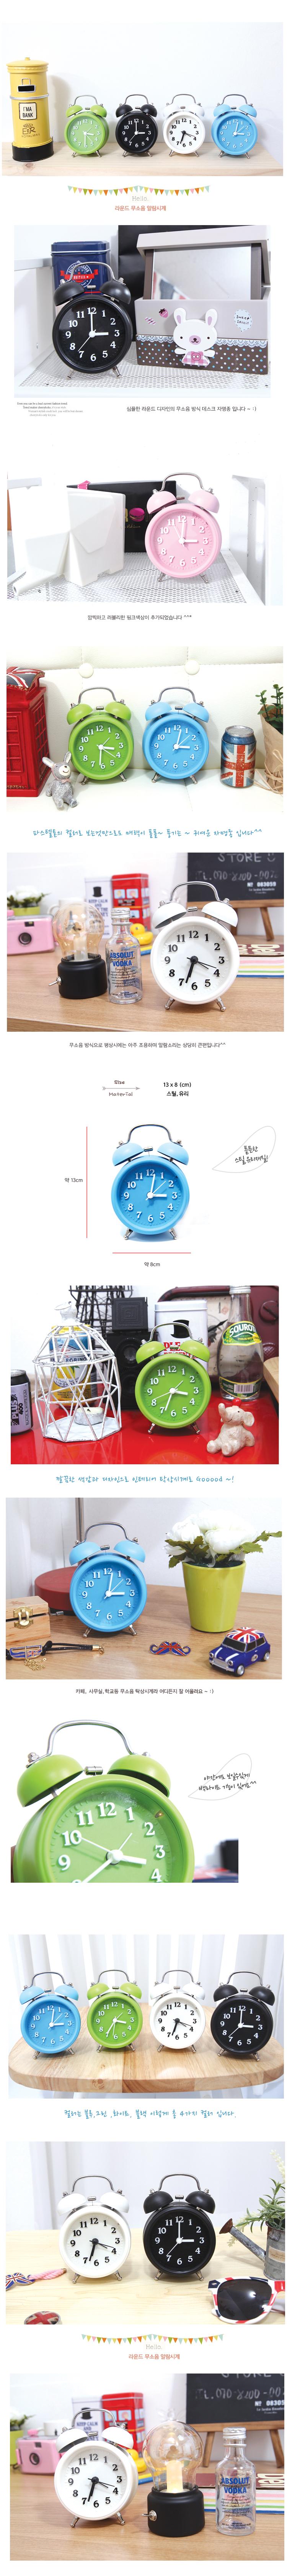 라운드무소음알람시계 - 미스터고물상, 6,000원, 알람/탁상시계, 알람시계